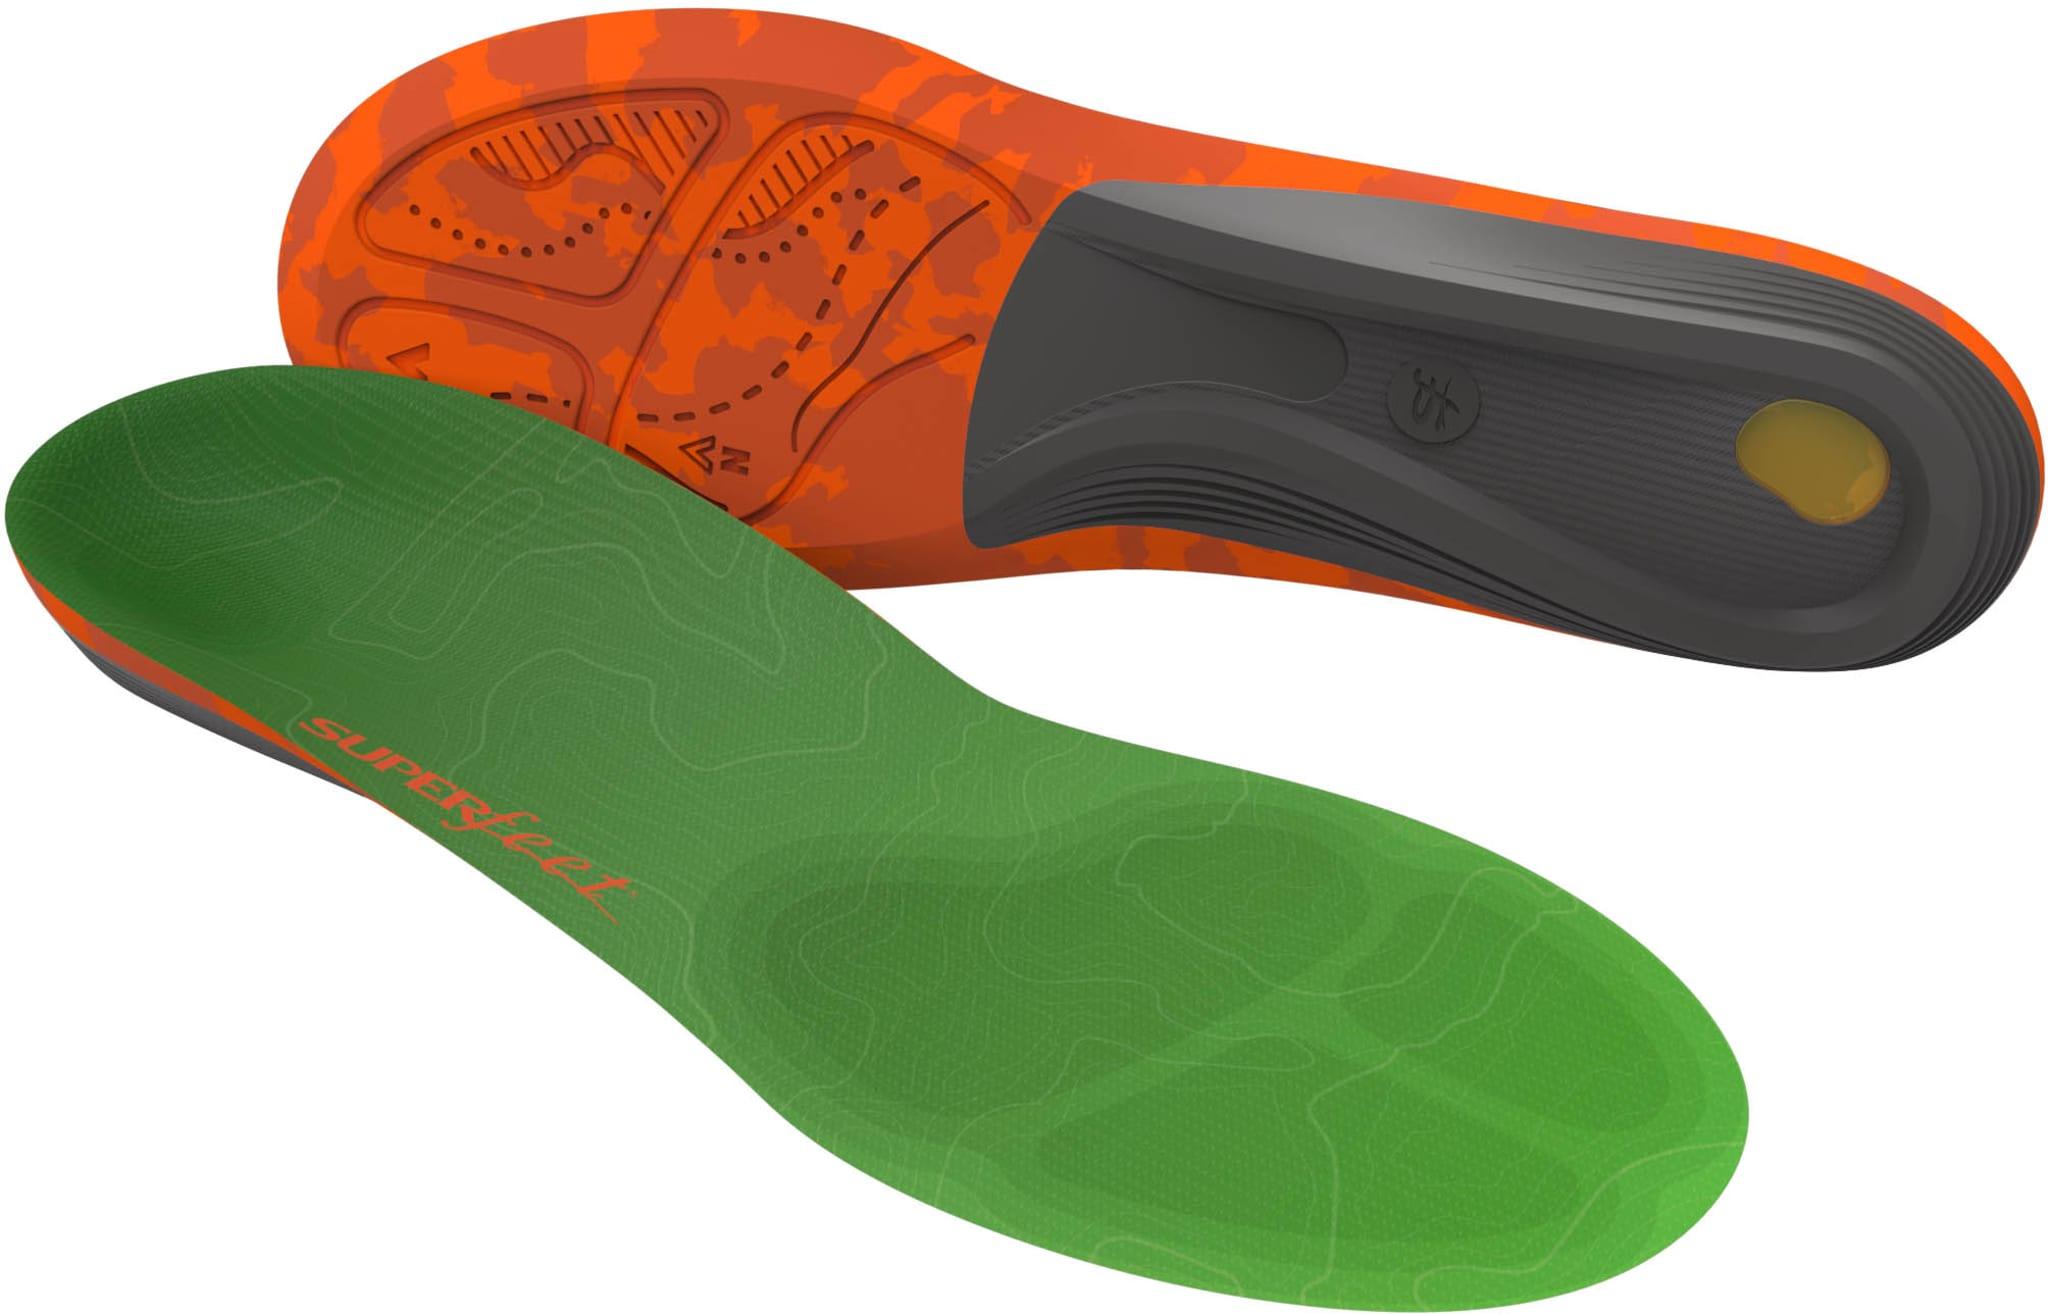 Såle for å bedre komfort i tursko og fjellstøvler.